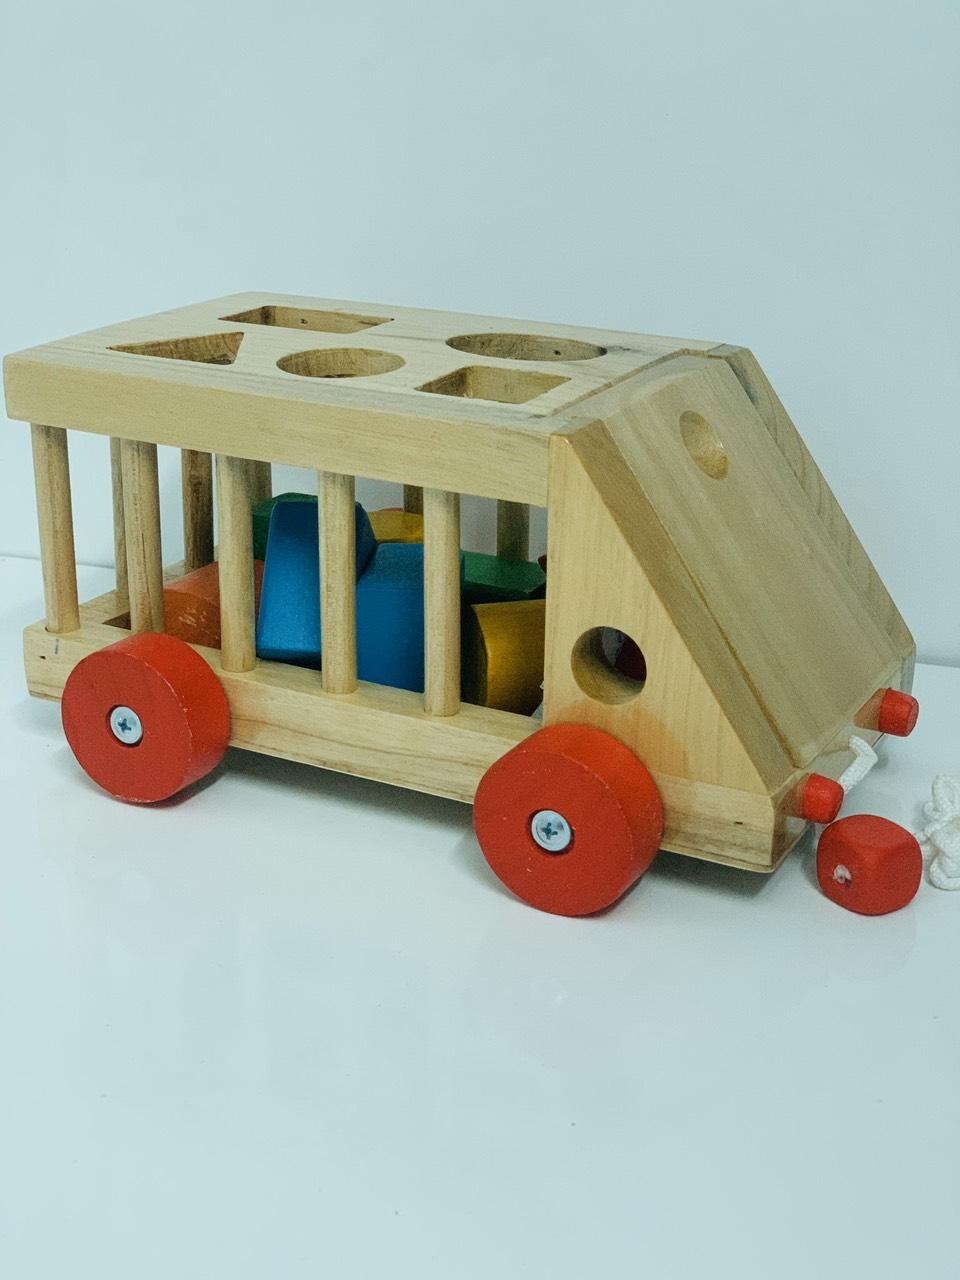 Đồ chơi thả khối hình xe ô tô  bằng gỗ an toàn cho bé